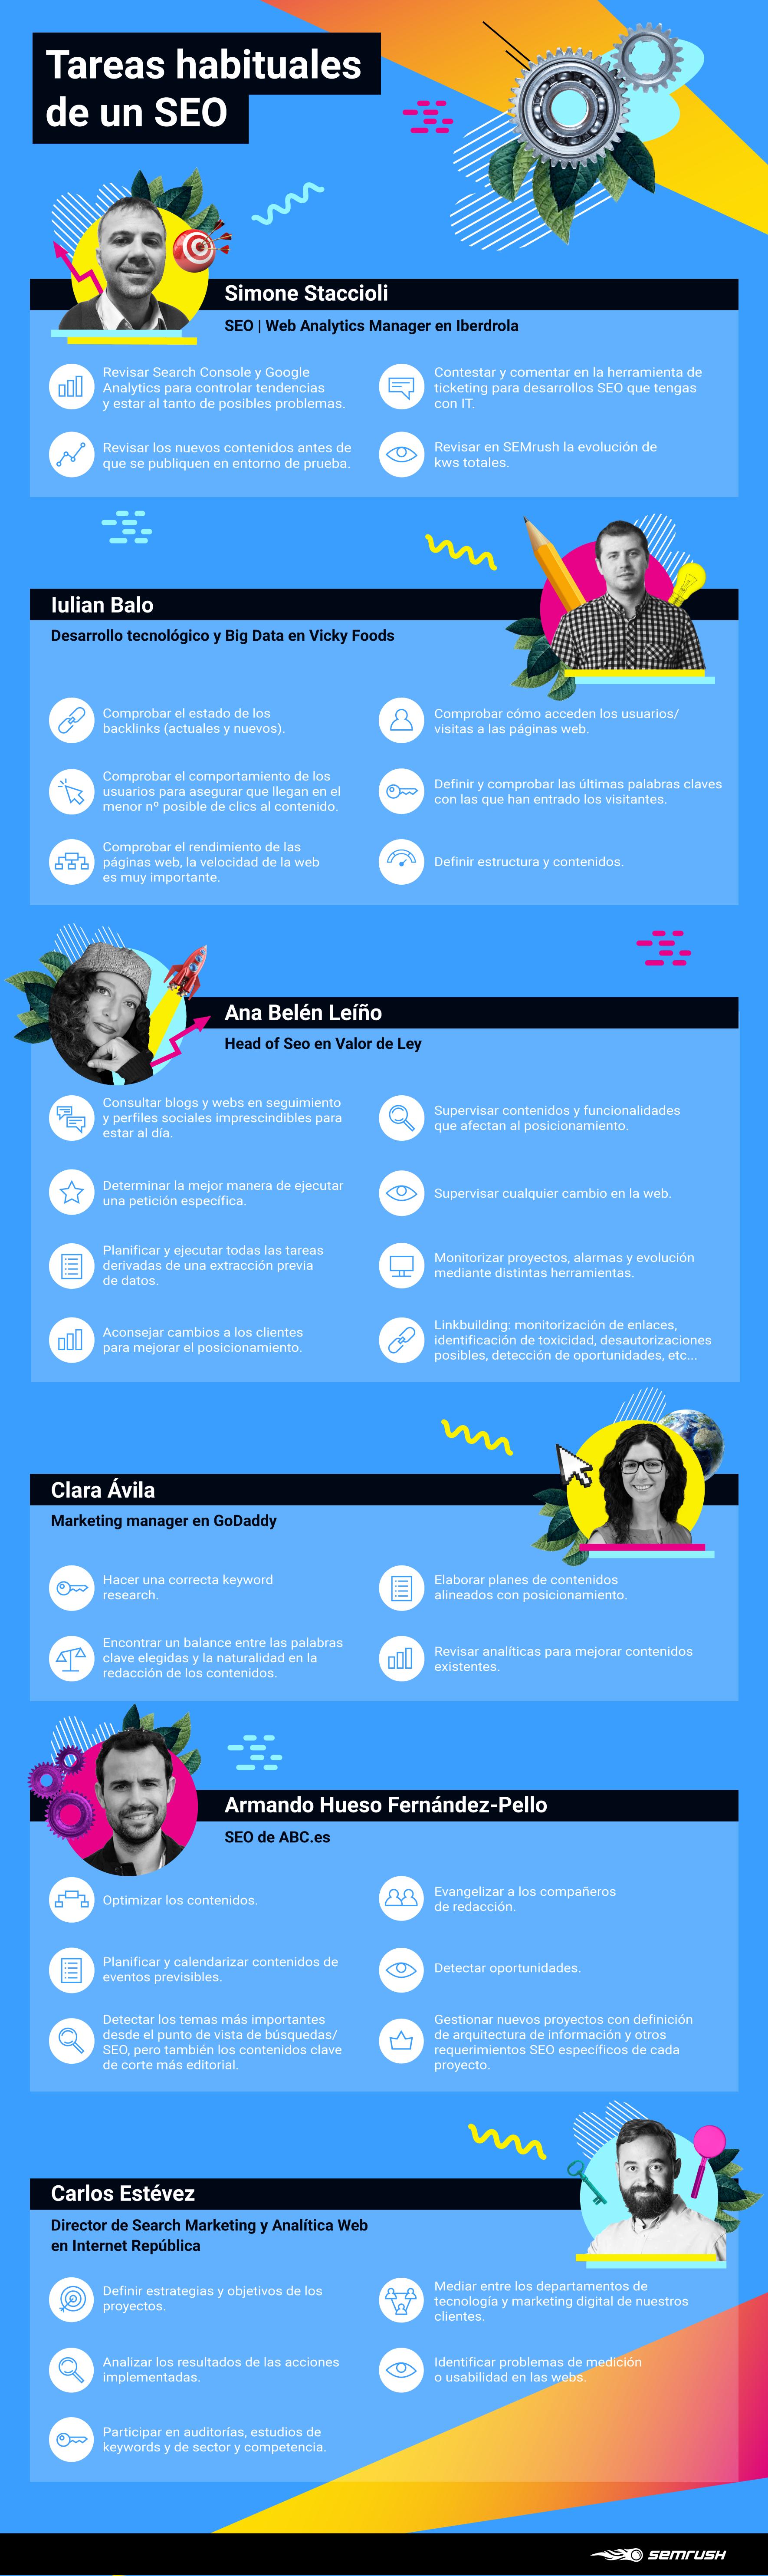 Checklist de tareas SEO - Infografía